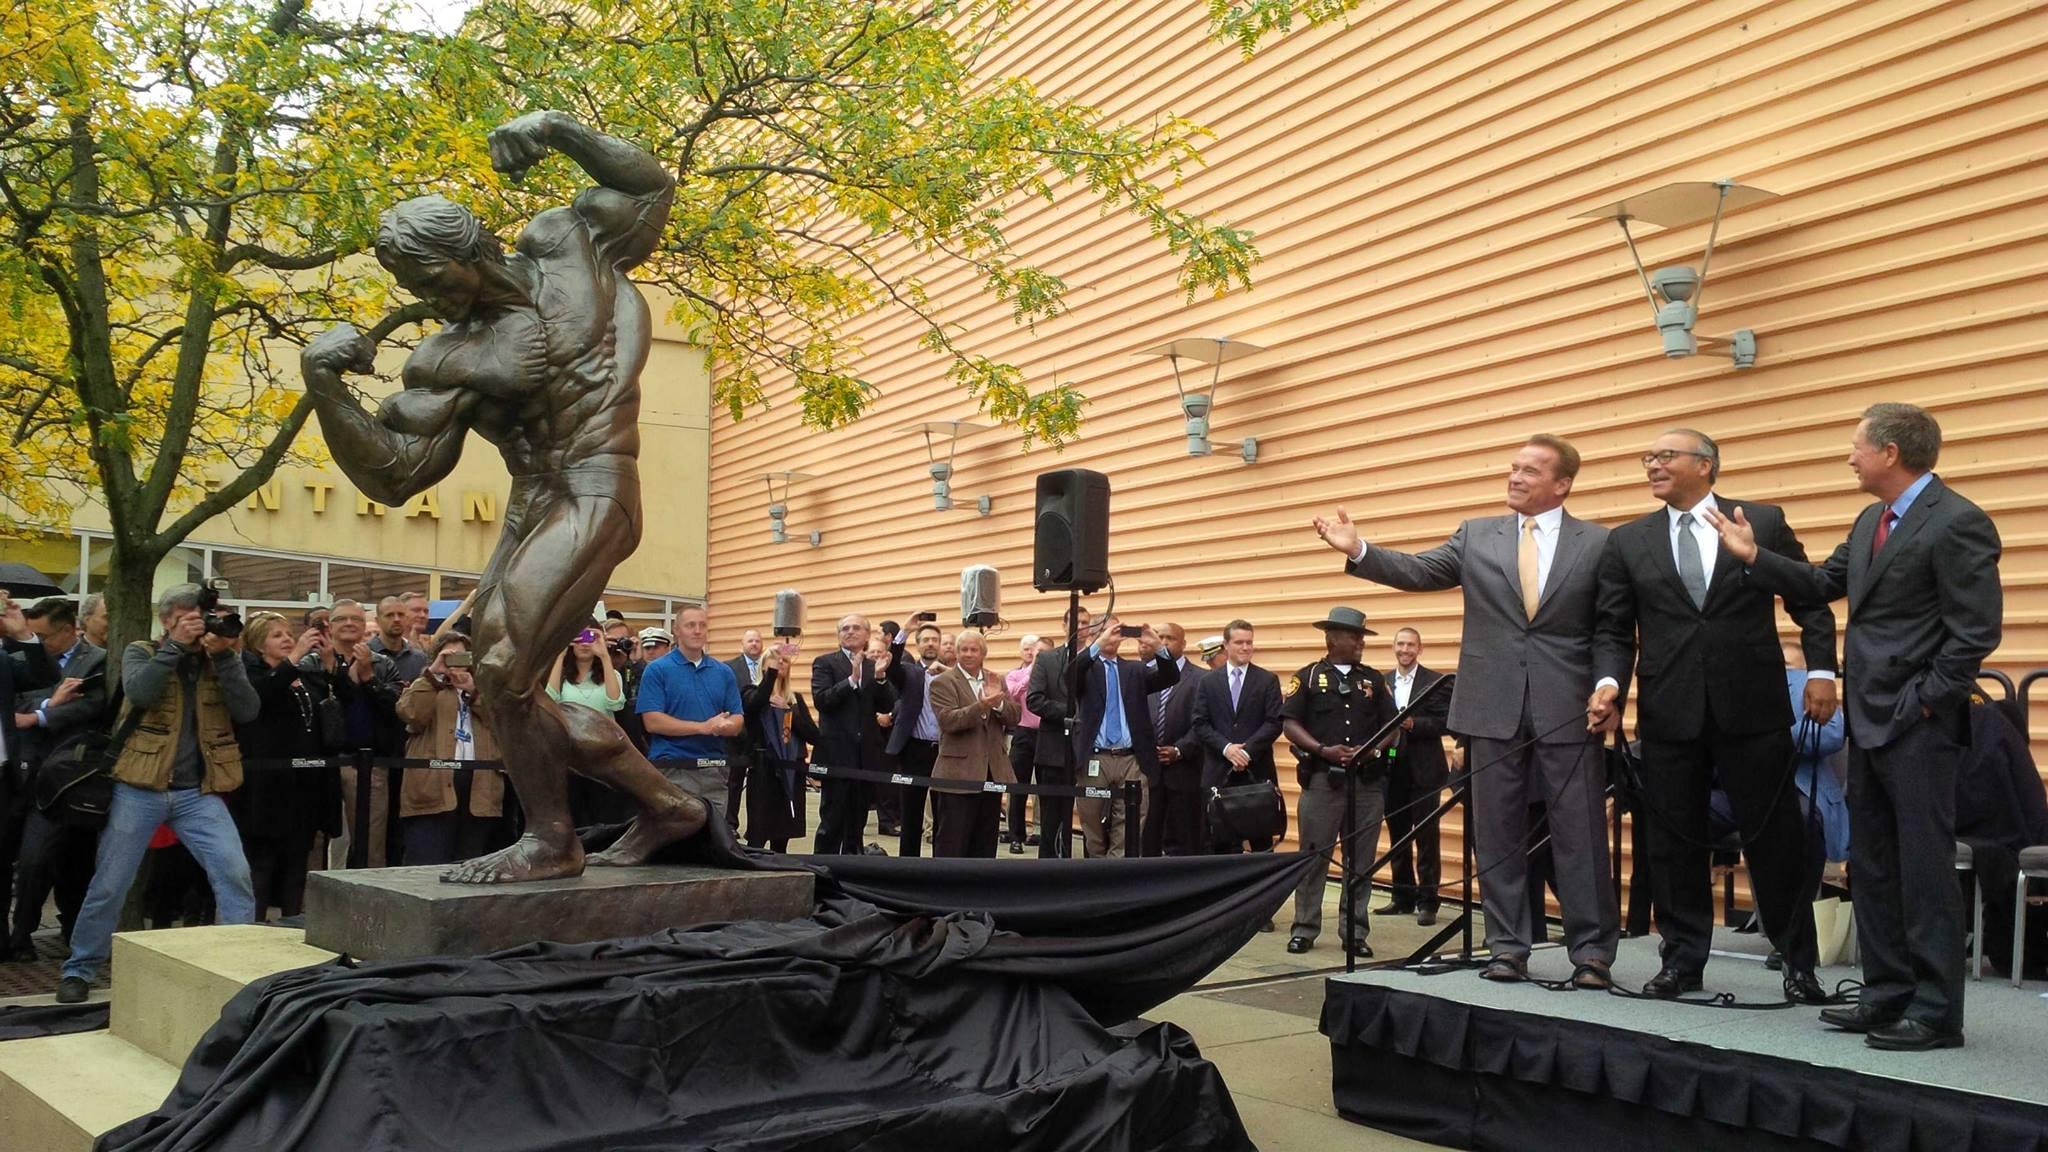 Арнольд Шварценеггер у памятника самому себе в Коламбусе, шт.Огайо